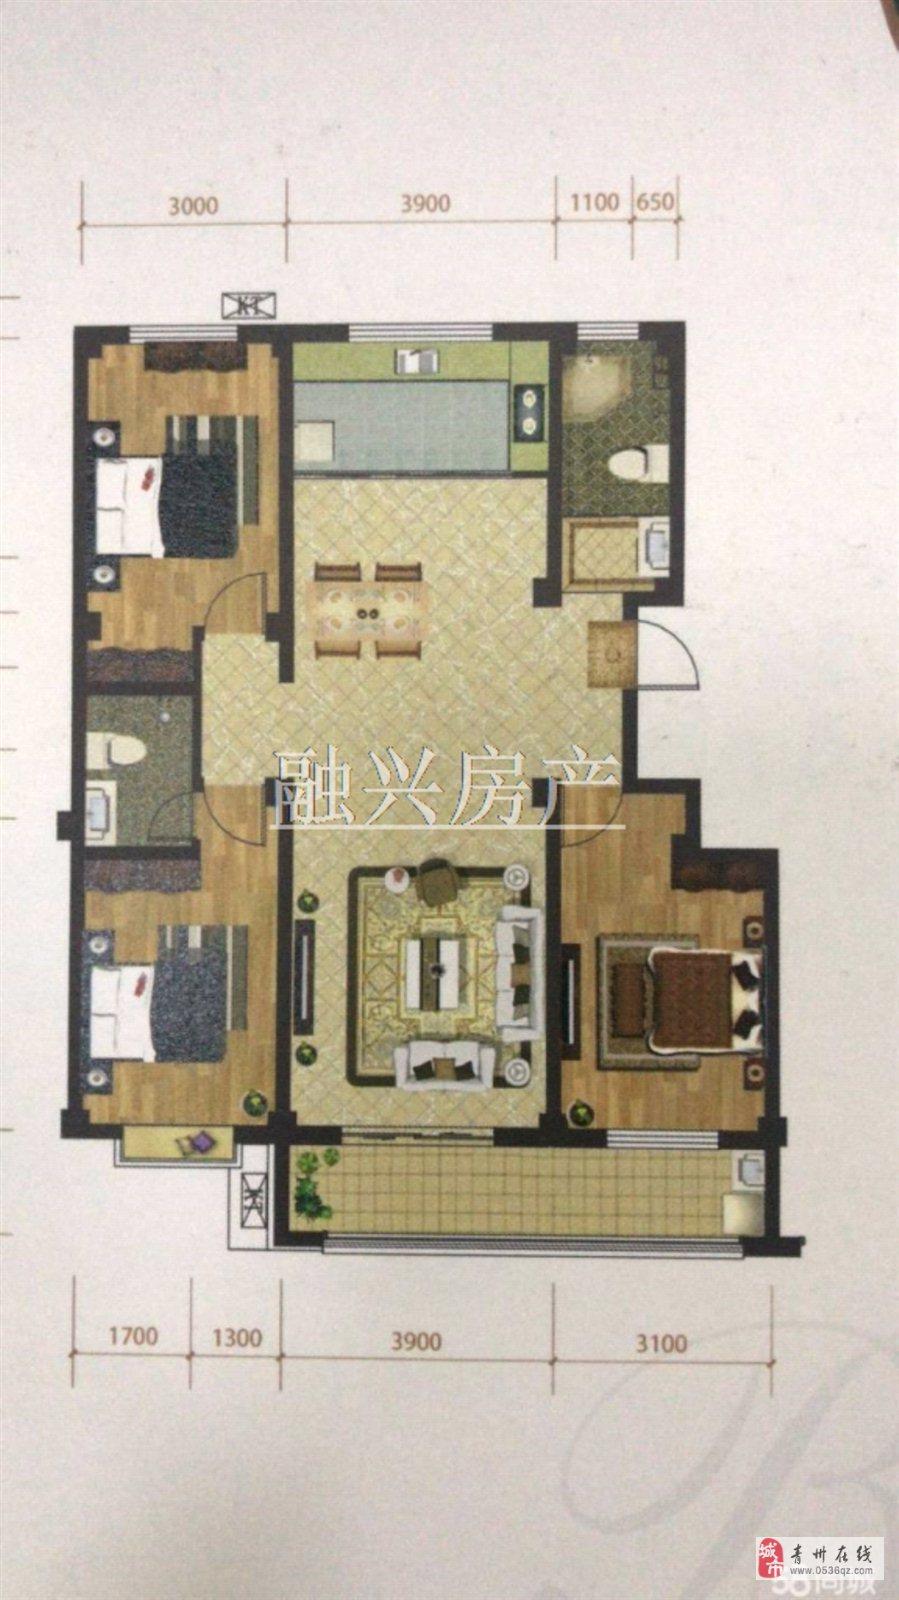 普利斯花园138平带阁楼3室2厅2卫123万元